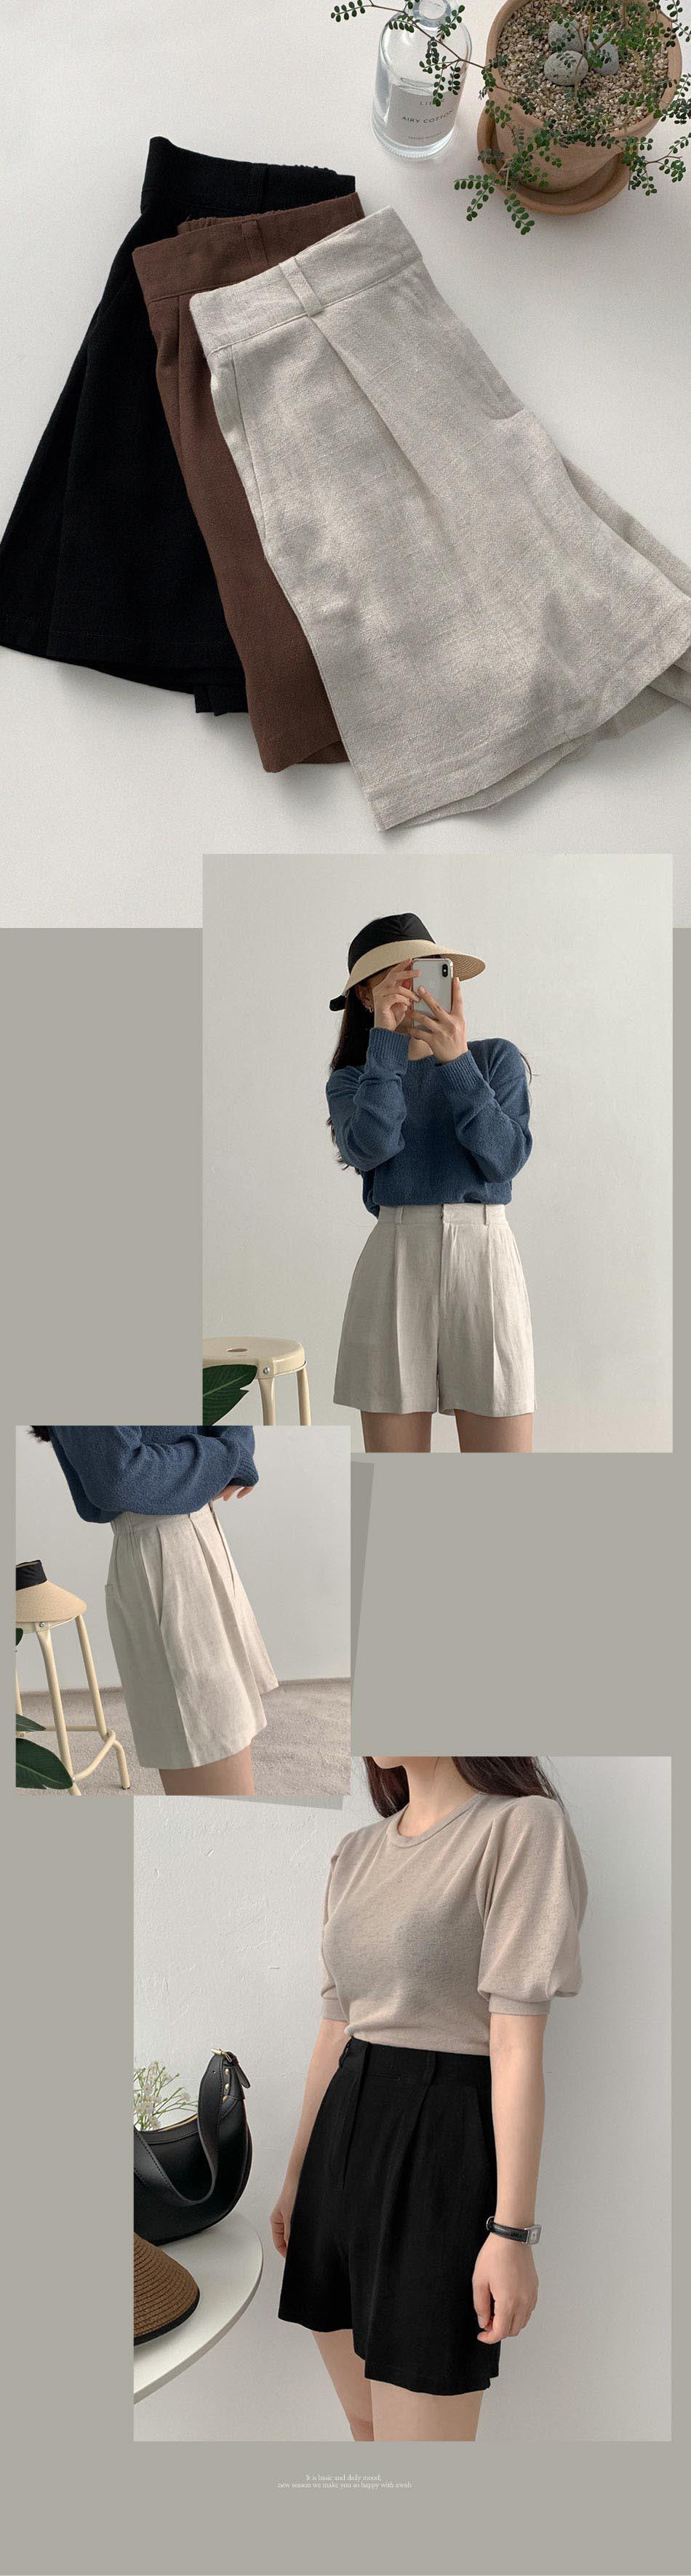 Port Pintuck Hidden Shorts